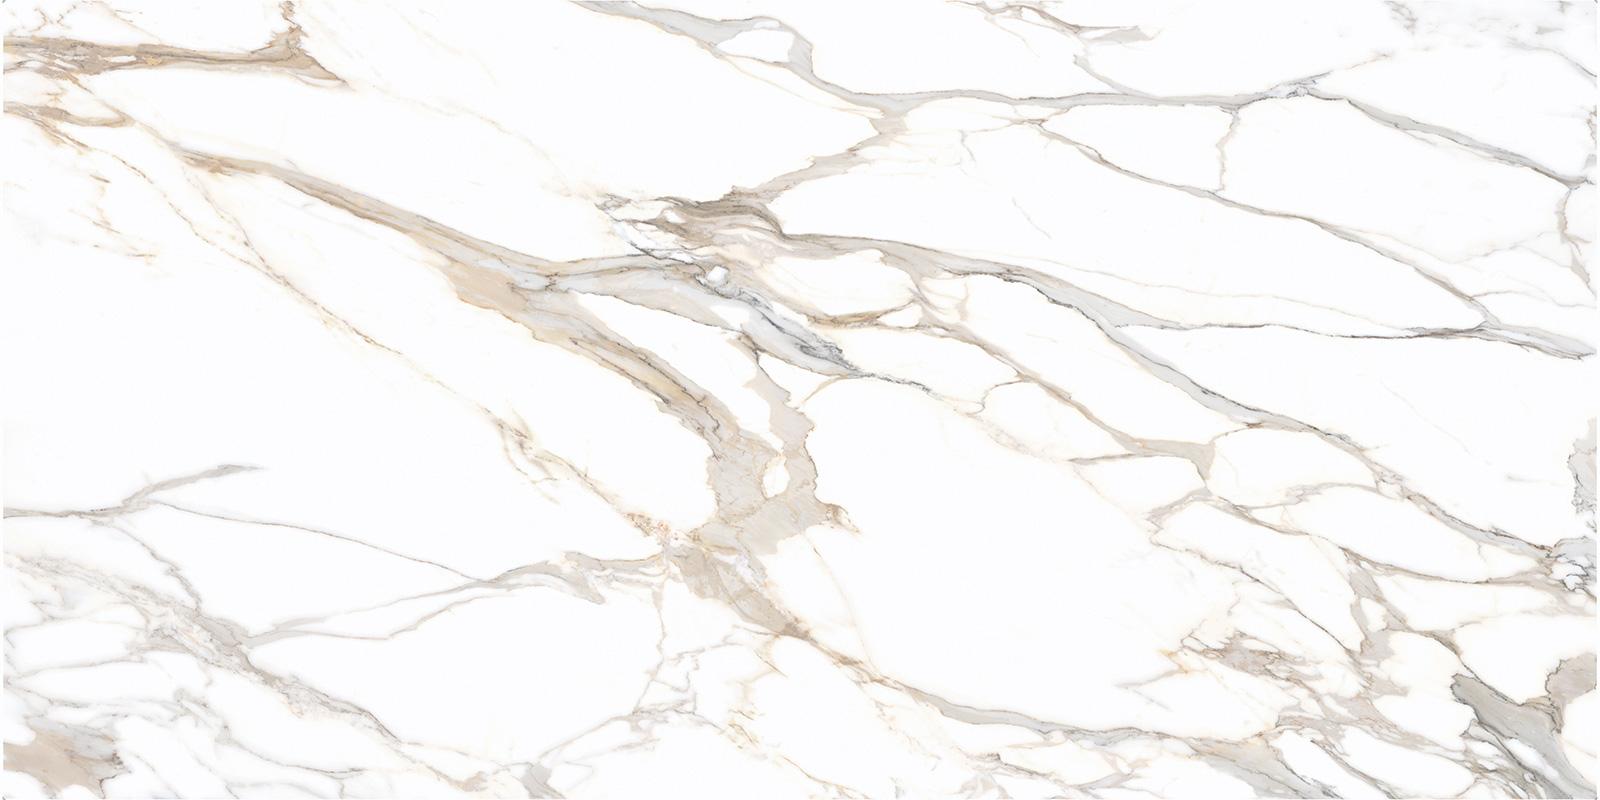 CALACATTA SUPREME Suministro California (Estados Unidos) de planchas pulidas en gres porcelánico resistente al calor CSP , Std Size